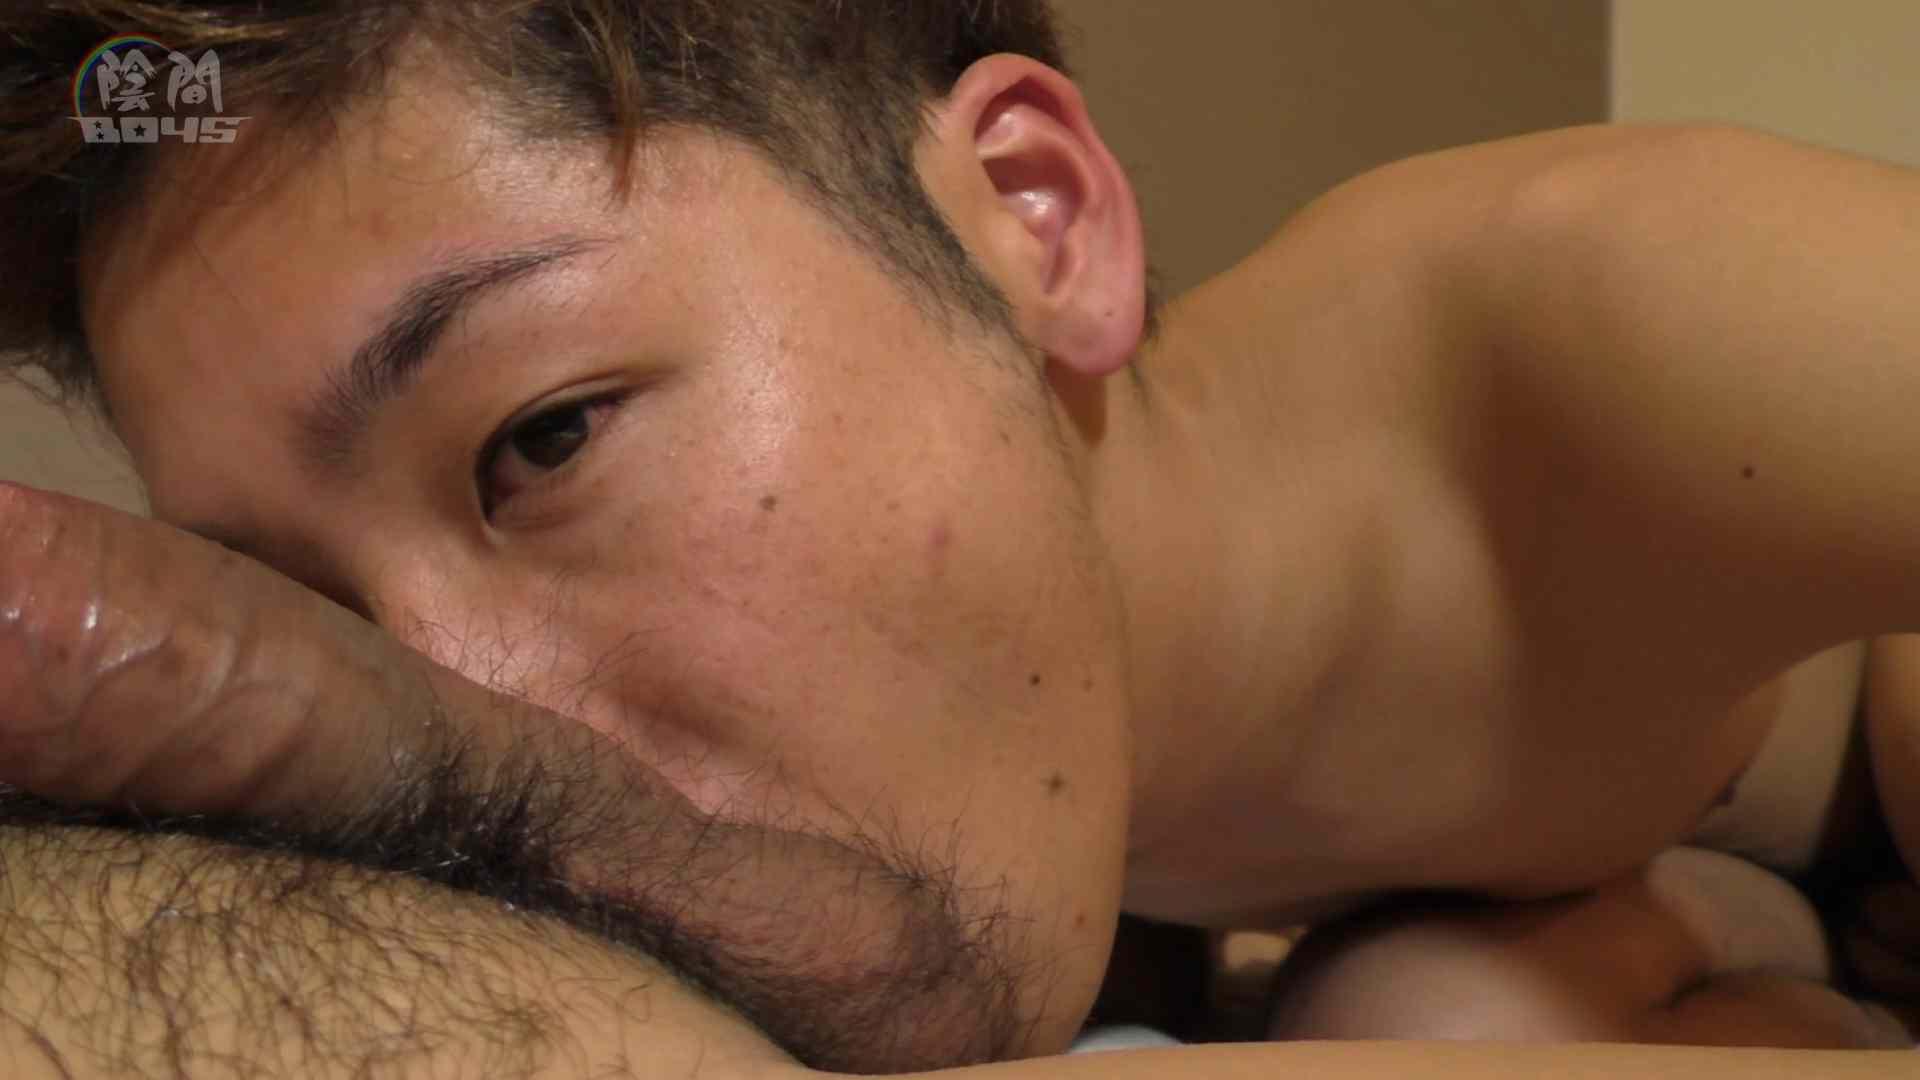 デカチン探偵かしこまりpart2 No.05 ザーメン ゲイエロ動画 6枚 5